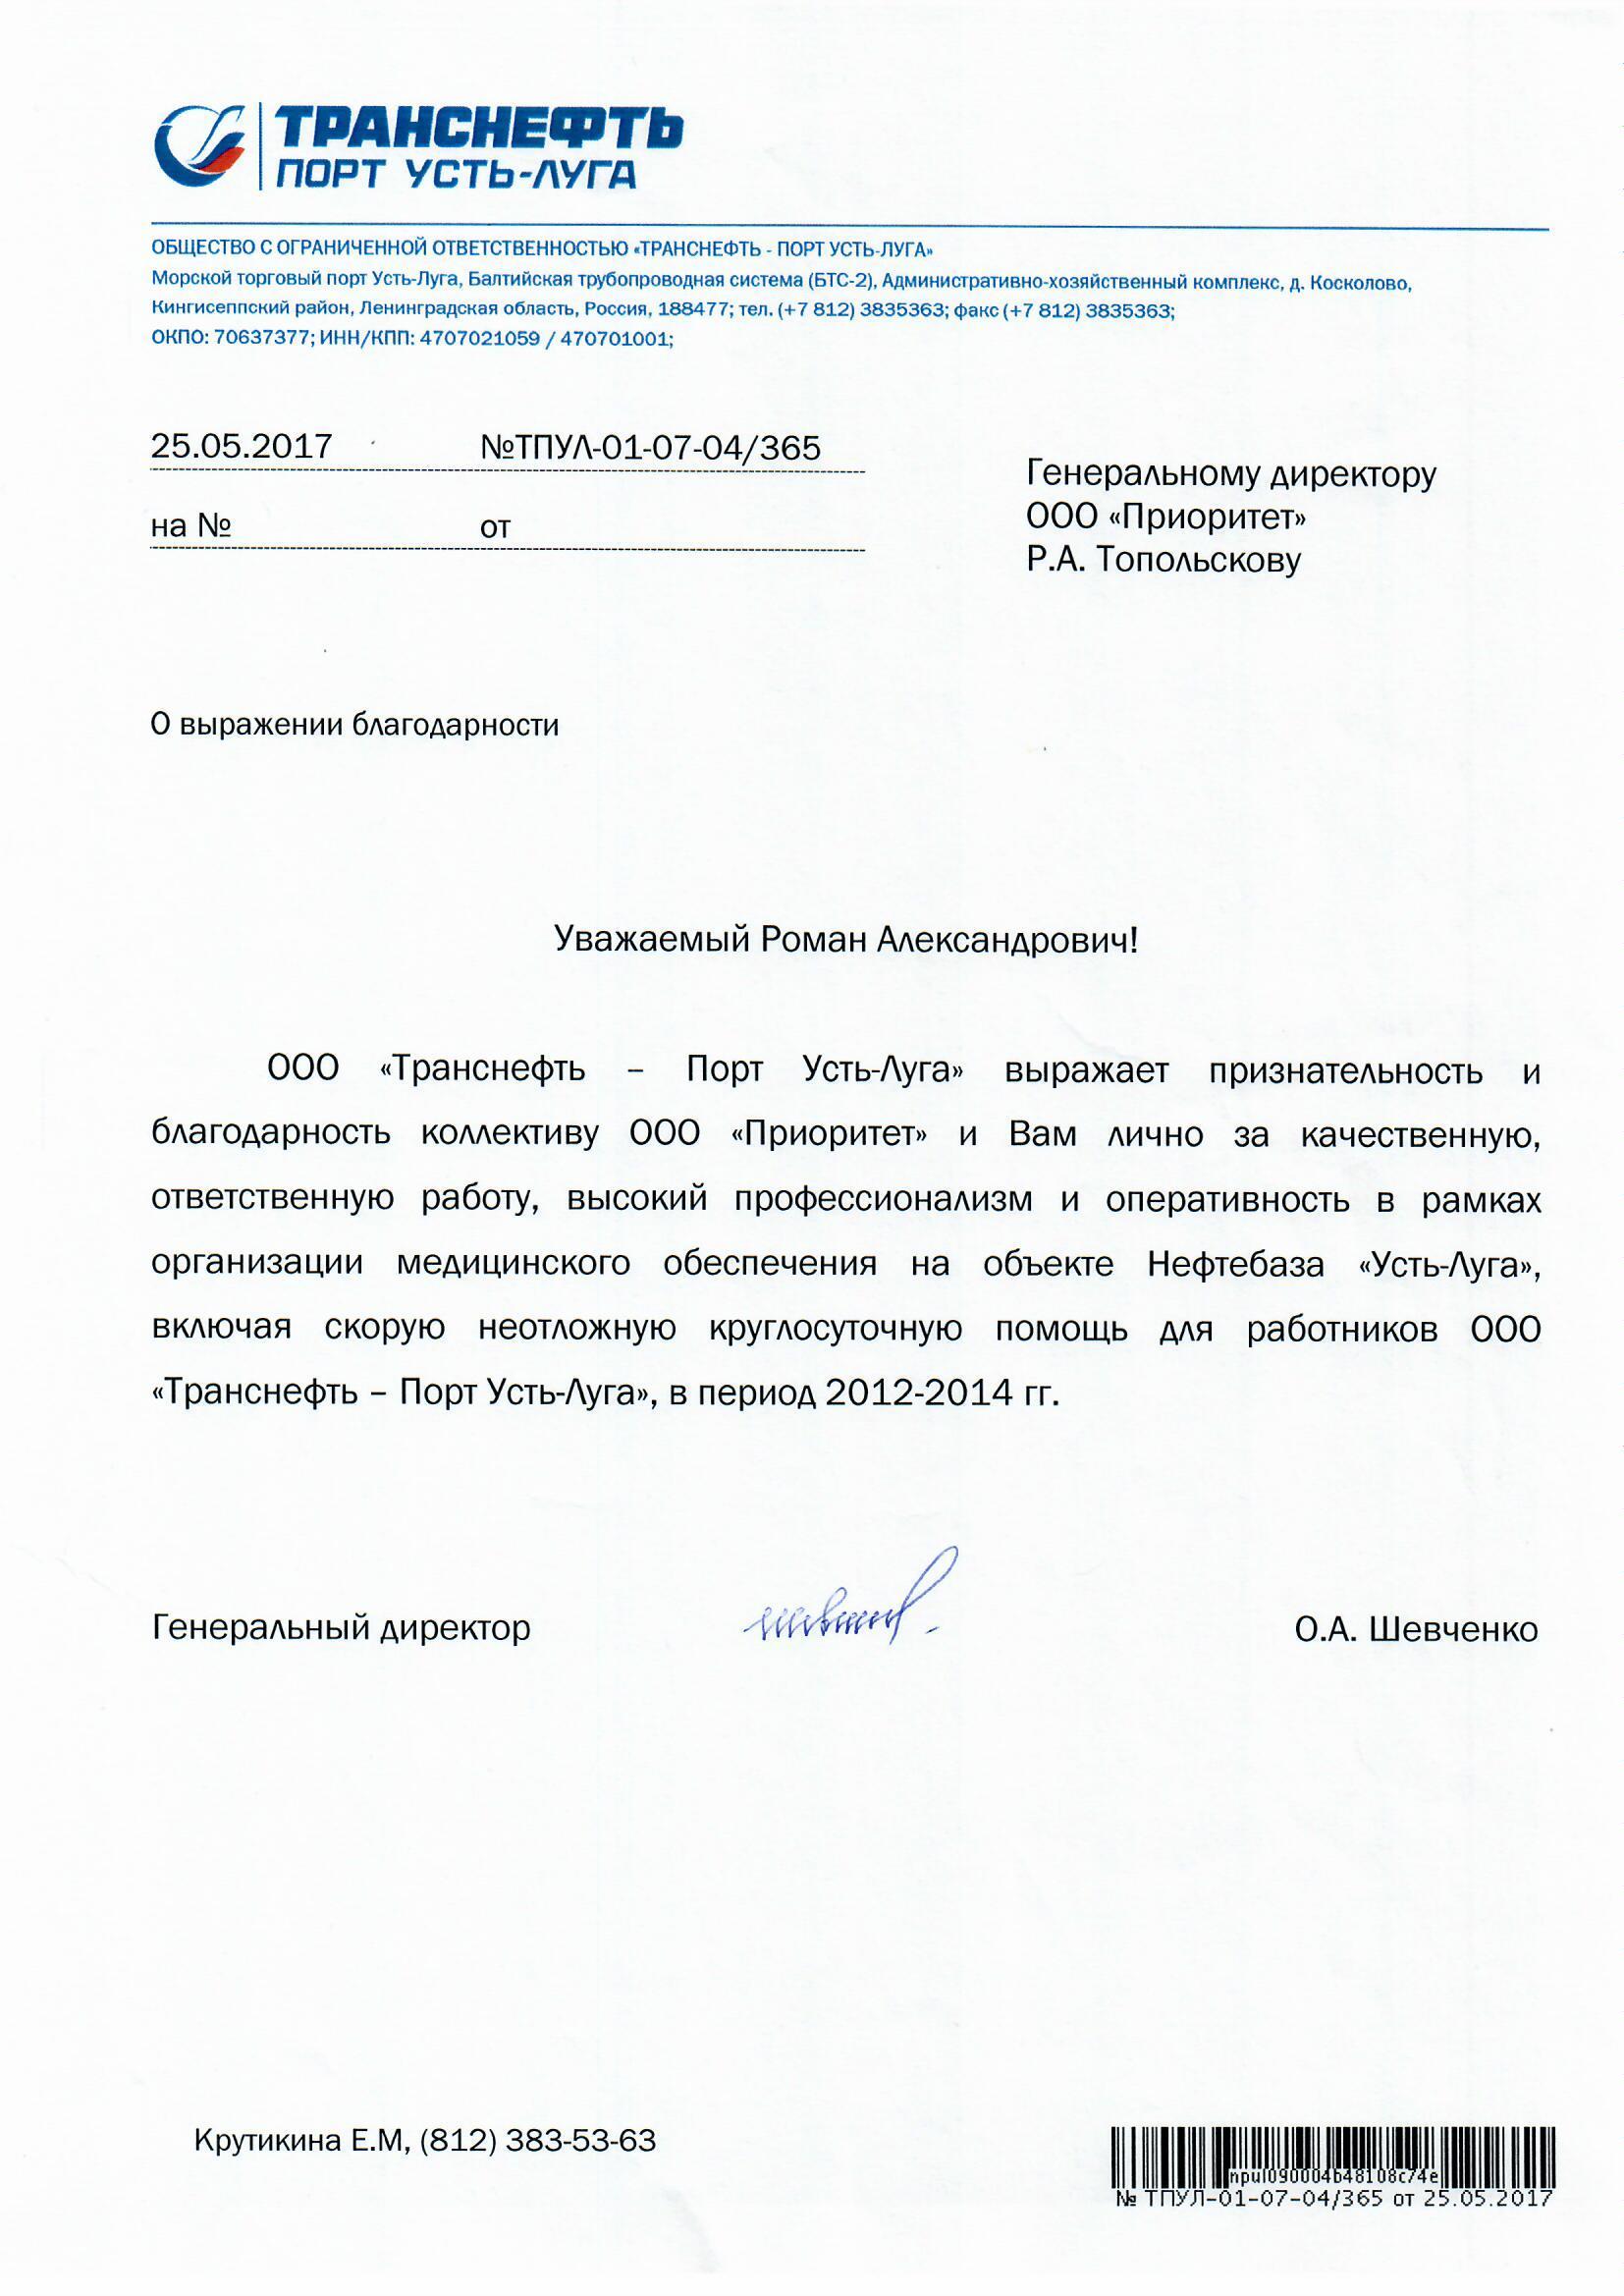 """Благодарность от ООО """"Транснефть - Усть-Луга"""""""